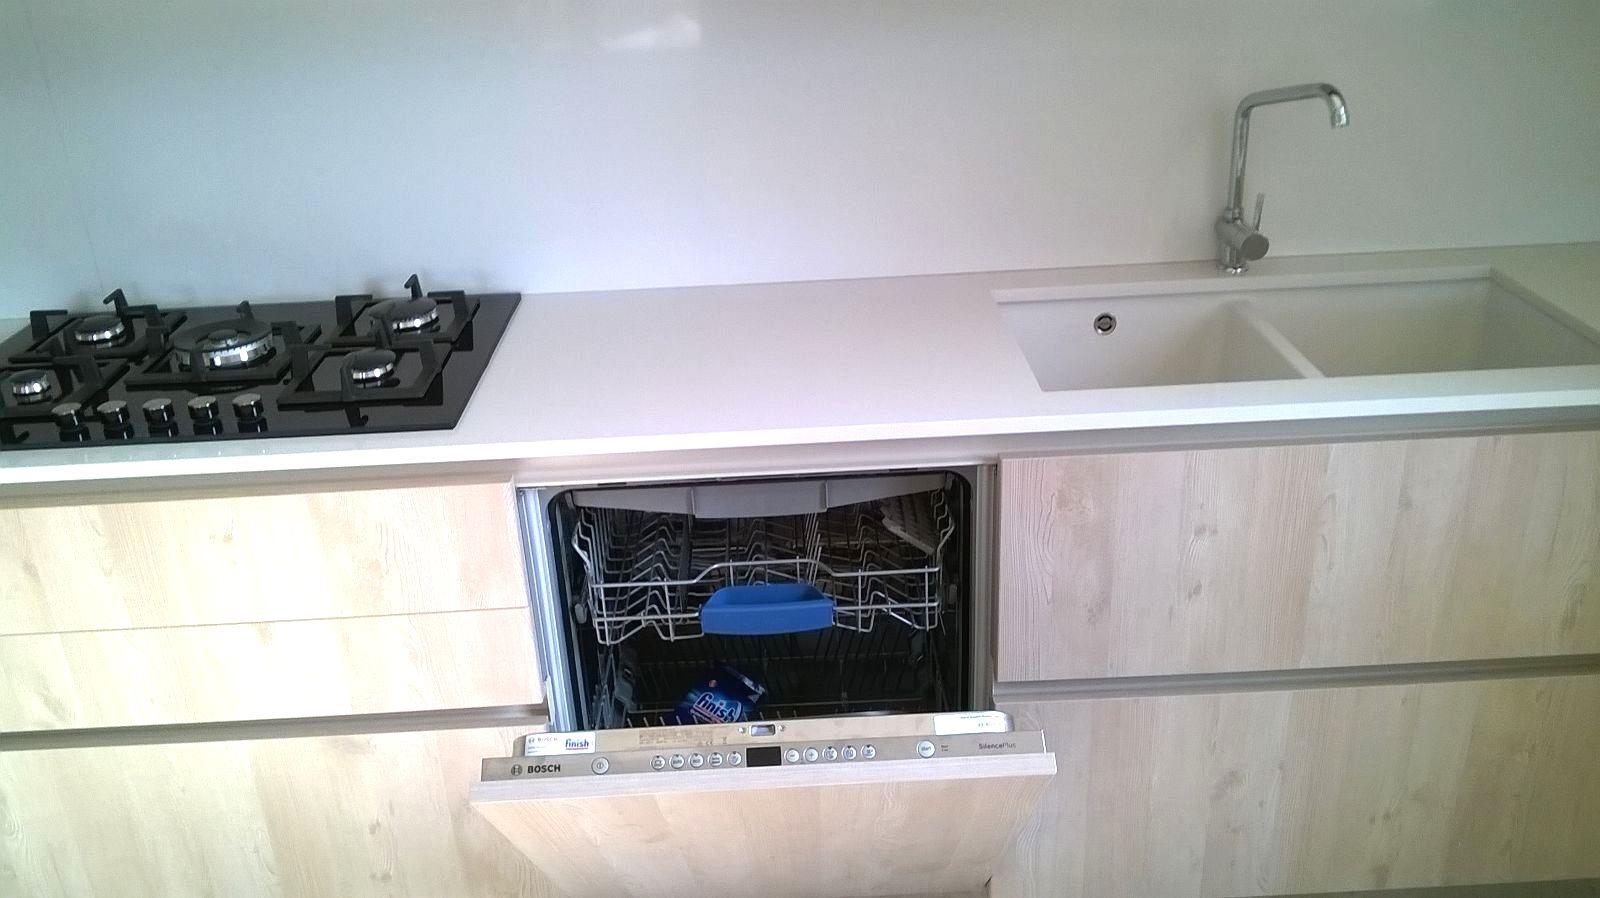 cucina wood arredo 3 scontata - cucine a prezzi scontati - Cucine Bosch